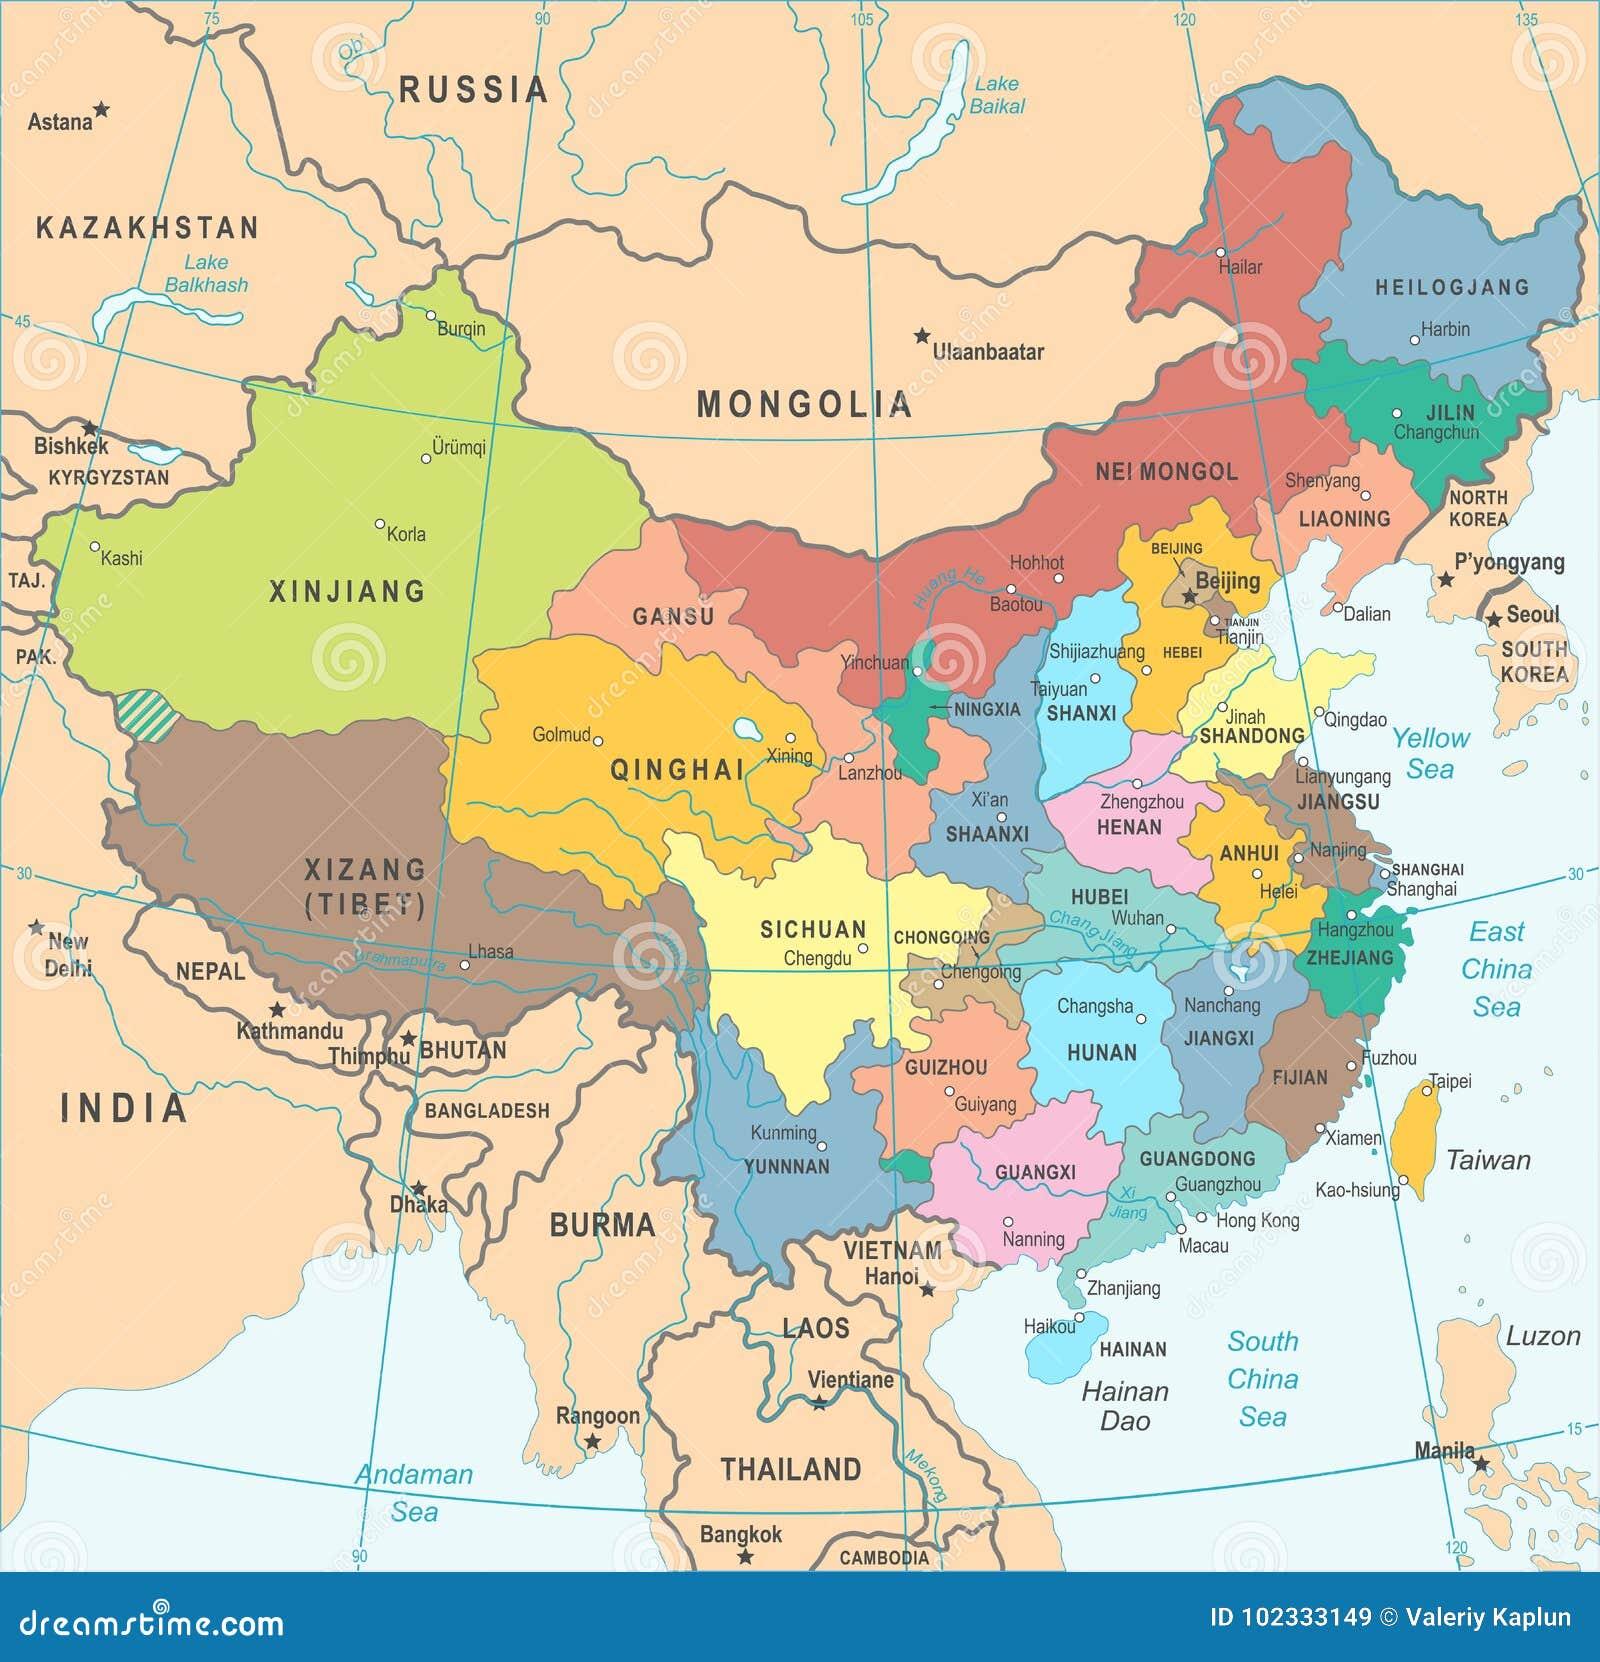 Cartina Geografica Della Cina.Mappa Della Cina Illustrazione Di Vettore Illustrazione Di Stock Illustrazione Di Colore Napper 102333149